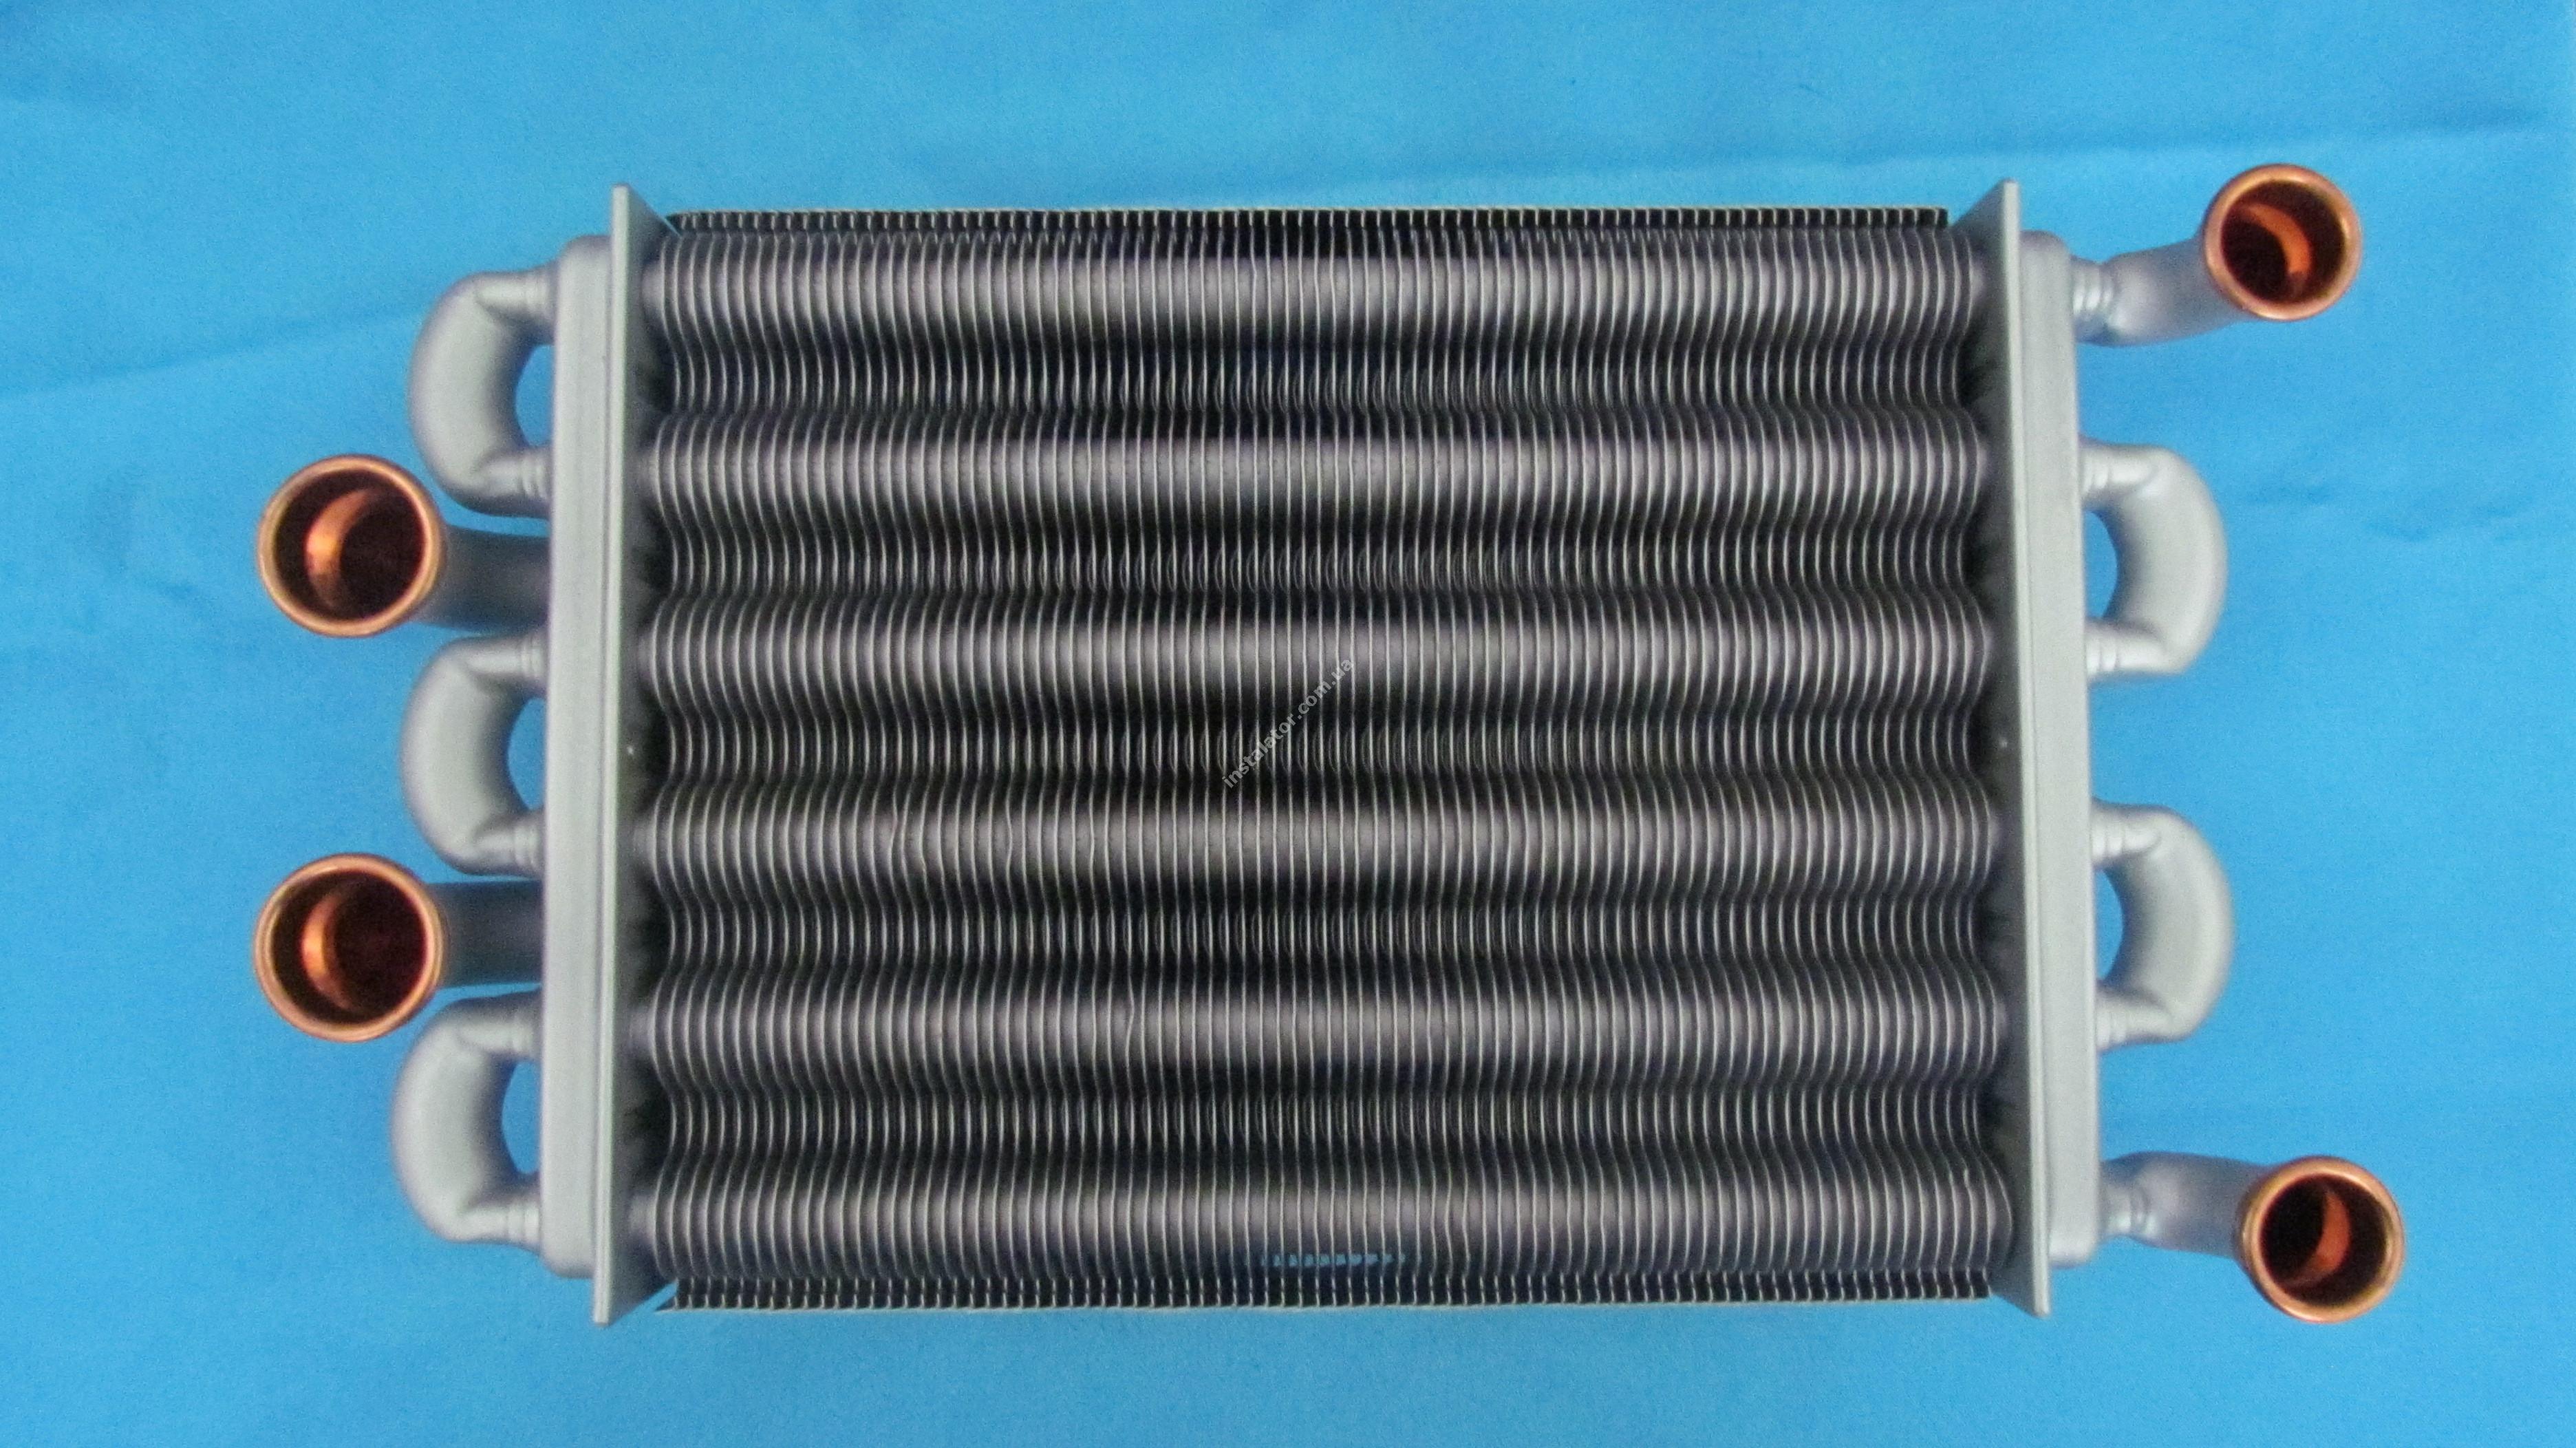 65106300 ariston теплообменник первичный Уплотнения теплообменника Funke FP 50 Волгодонск